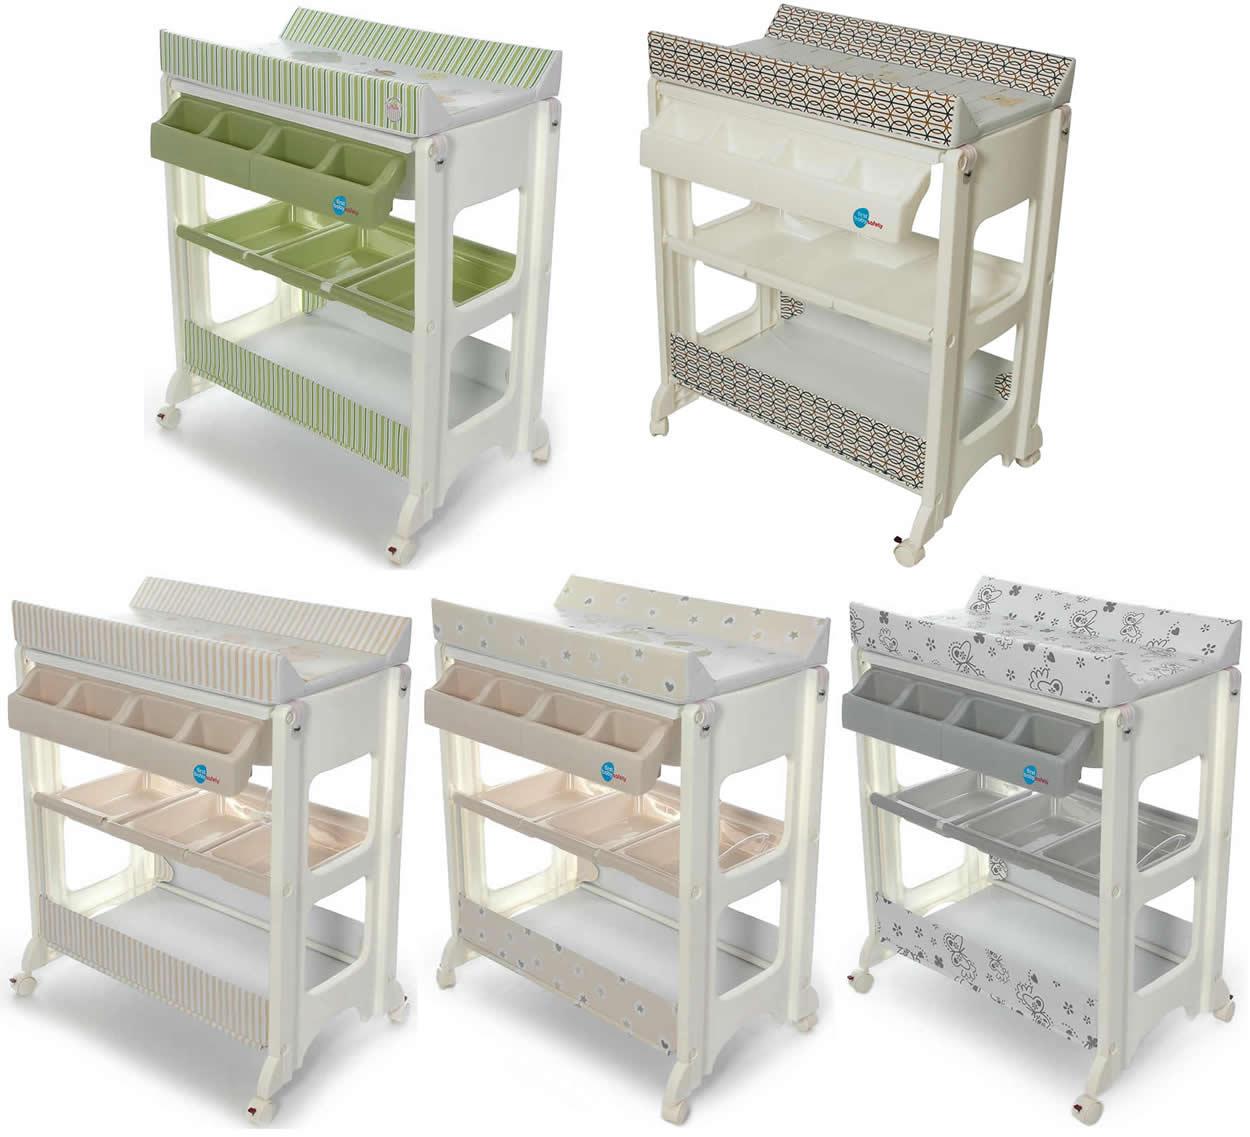 babywanne mit gestell und wickeltisch abdeckung ablauf dusche. Black Bedroom Furniture Sets. Home Design Ideas